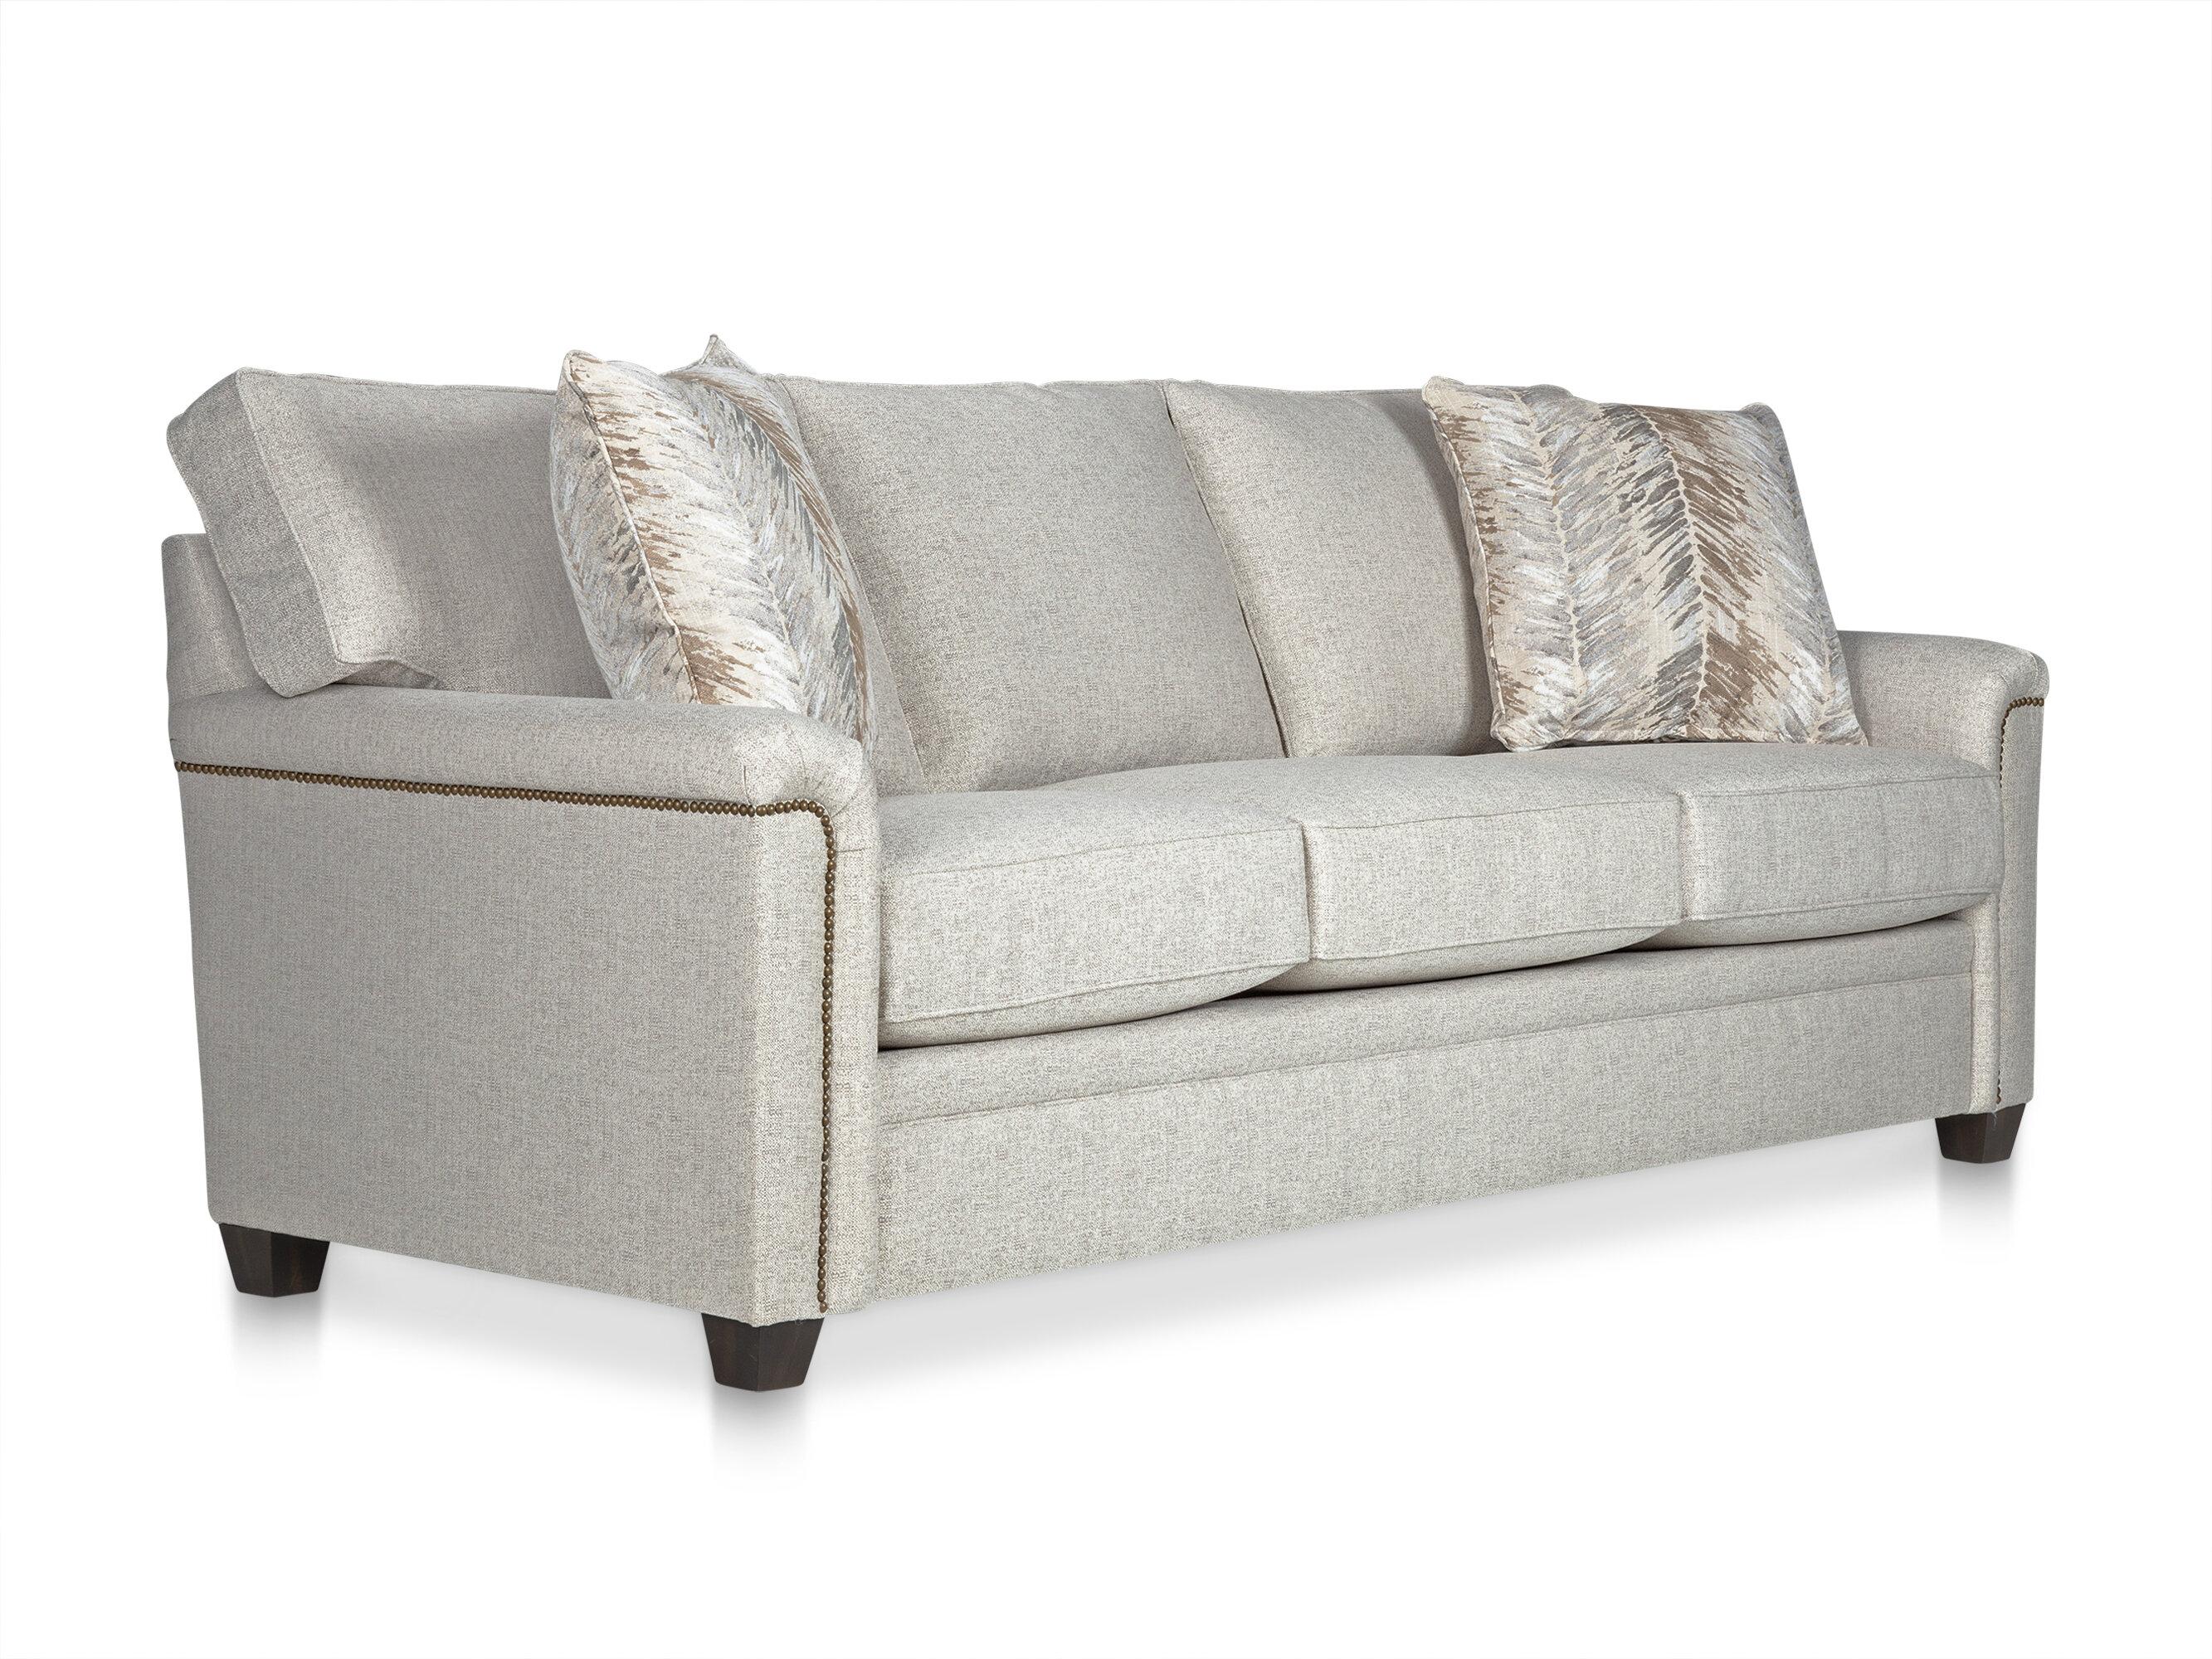 Pleasing Stone Leigh Furniture Warren Sofa Wayfair Creativecarmelina Interior Chair Design Creativecarmelinacom